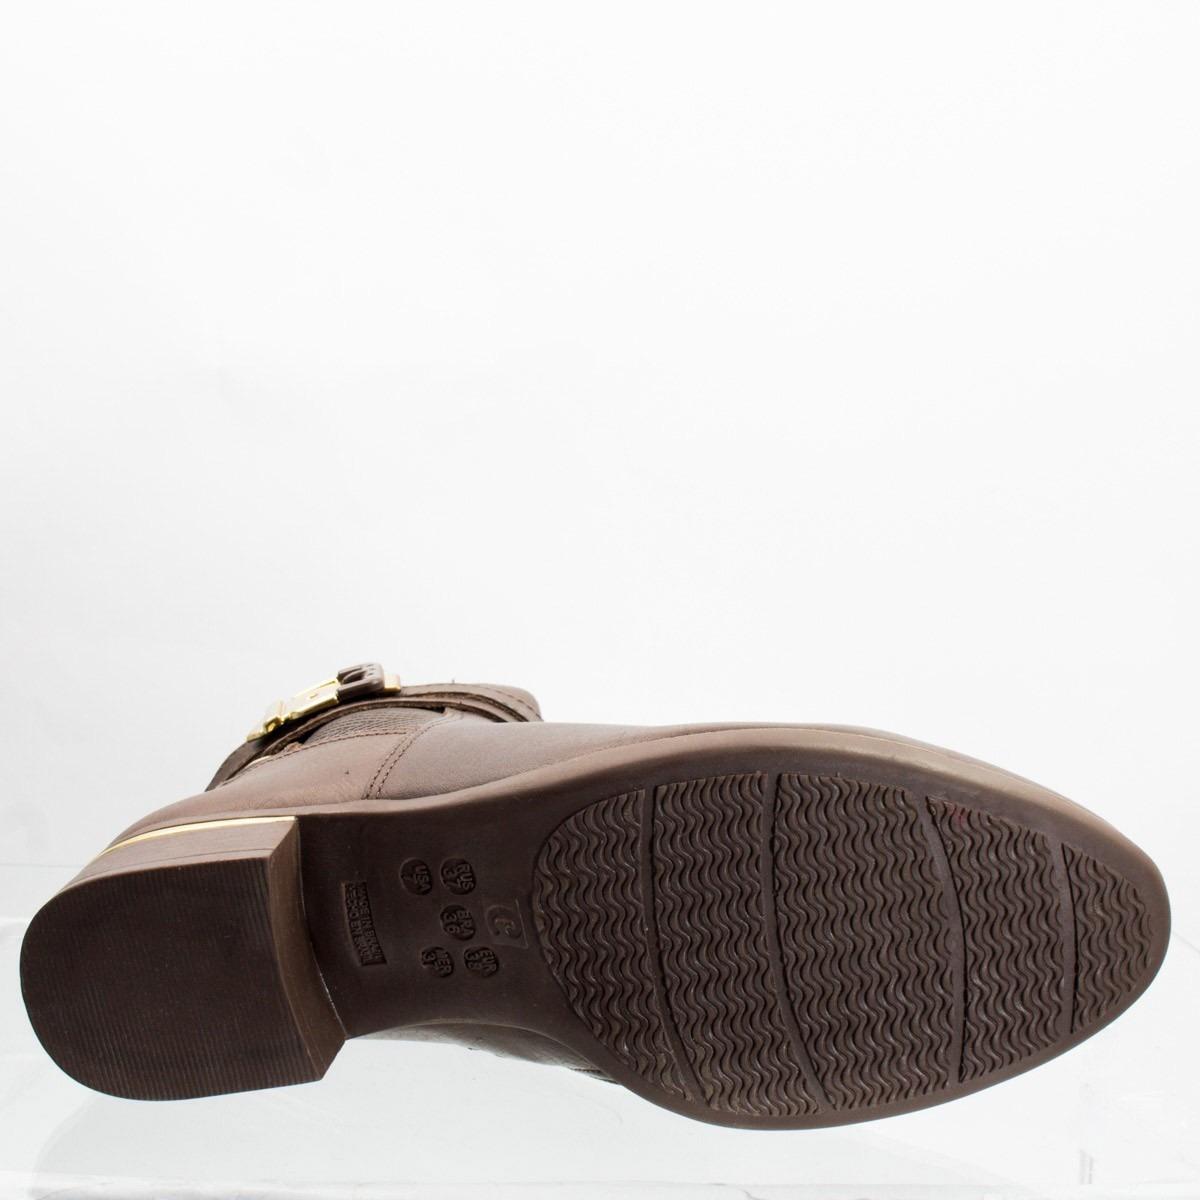 fe49e0a1b bota feminina comfortflex cano curto 1769309. Carregando zoom.